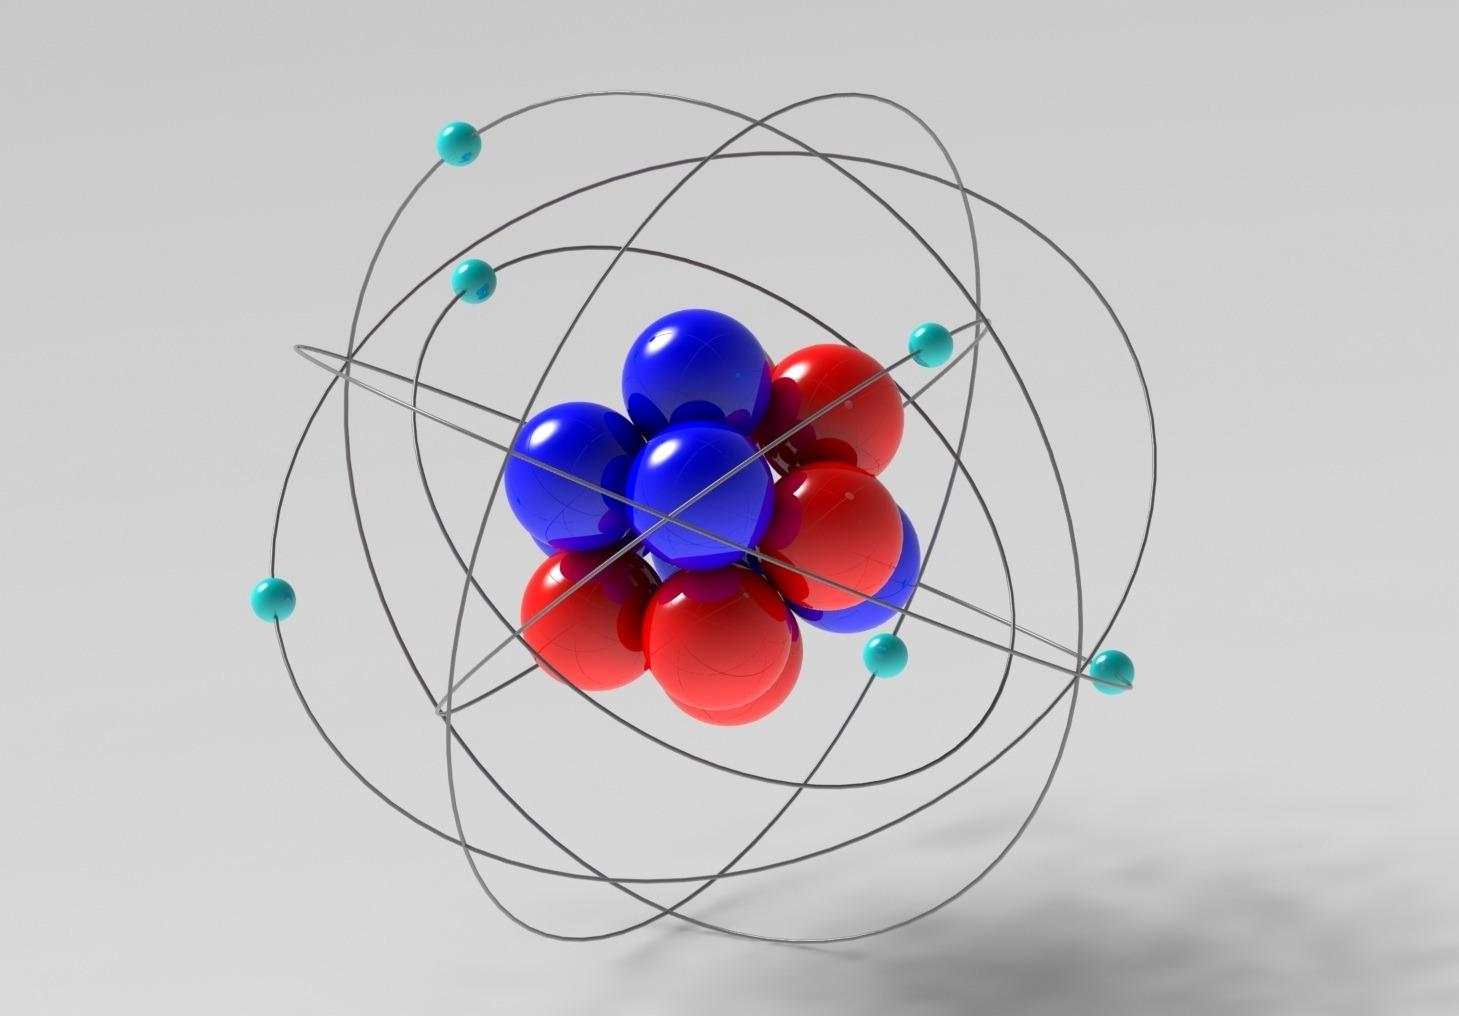 NC: Ученые в США впервые смогли измерить силу разрыва химической связи